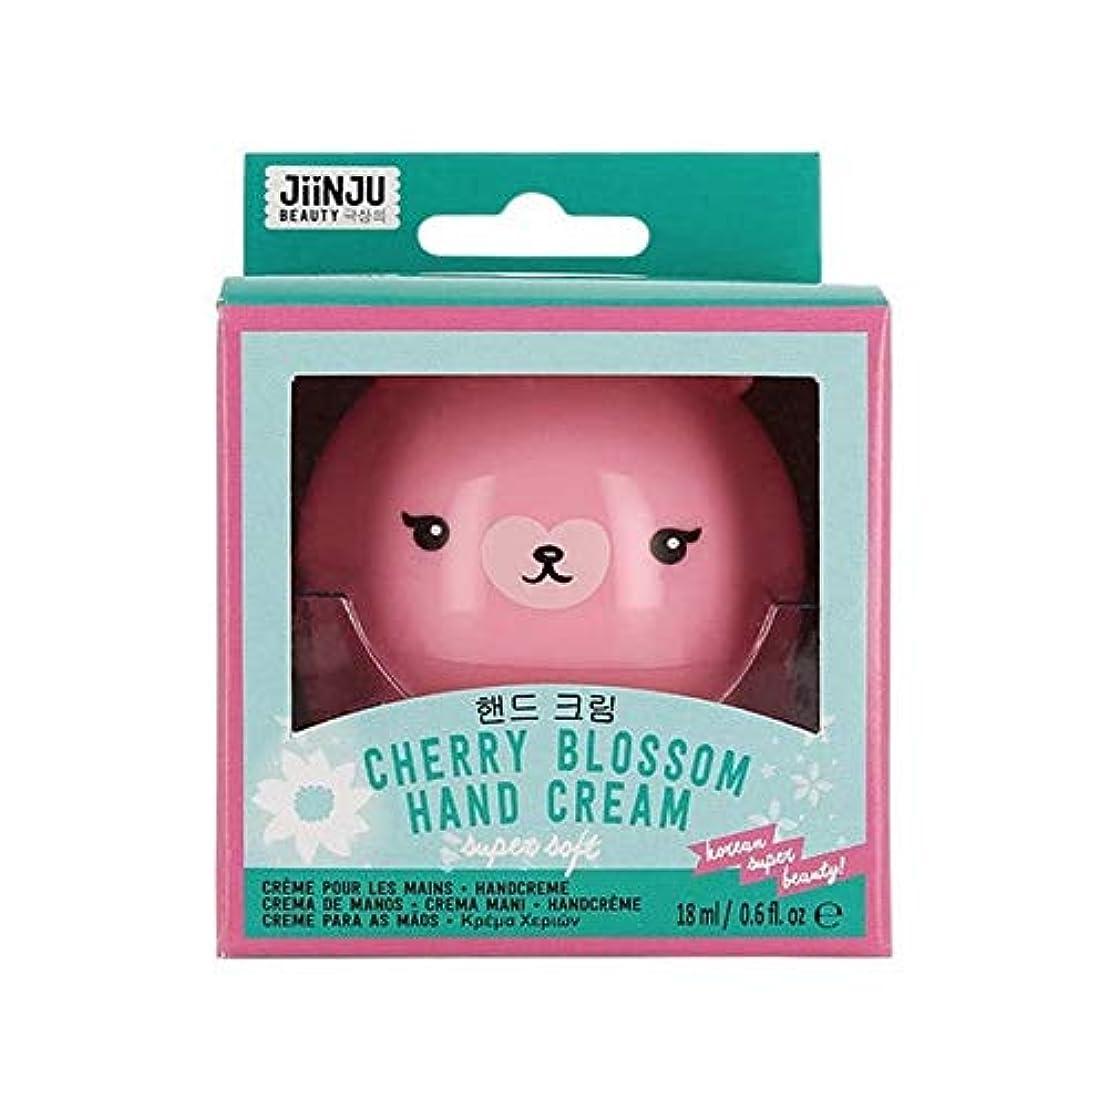 電話に出るクラシカルクラシカル[Jinju ] Jiinju桜のハンドクリーム18ミリリットル - Jiinju Cherry Blossom Hand Cream 18ml [並行輸入品]